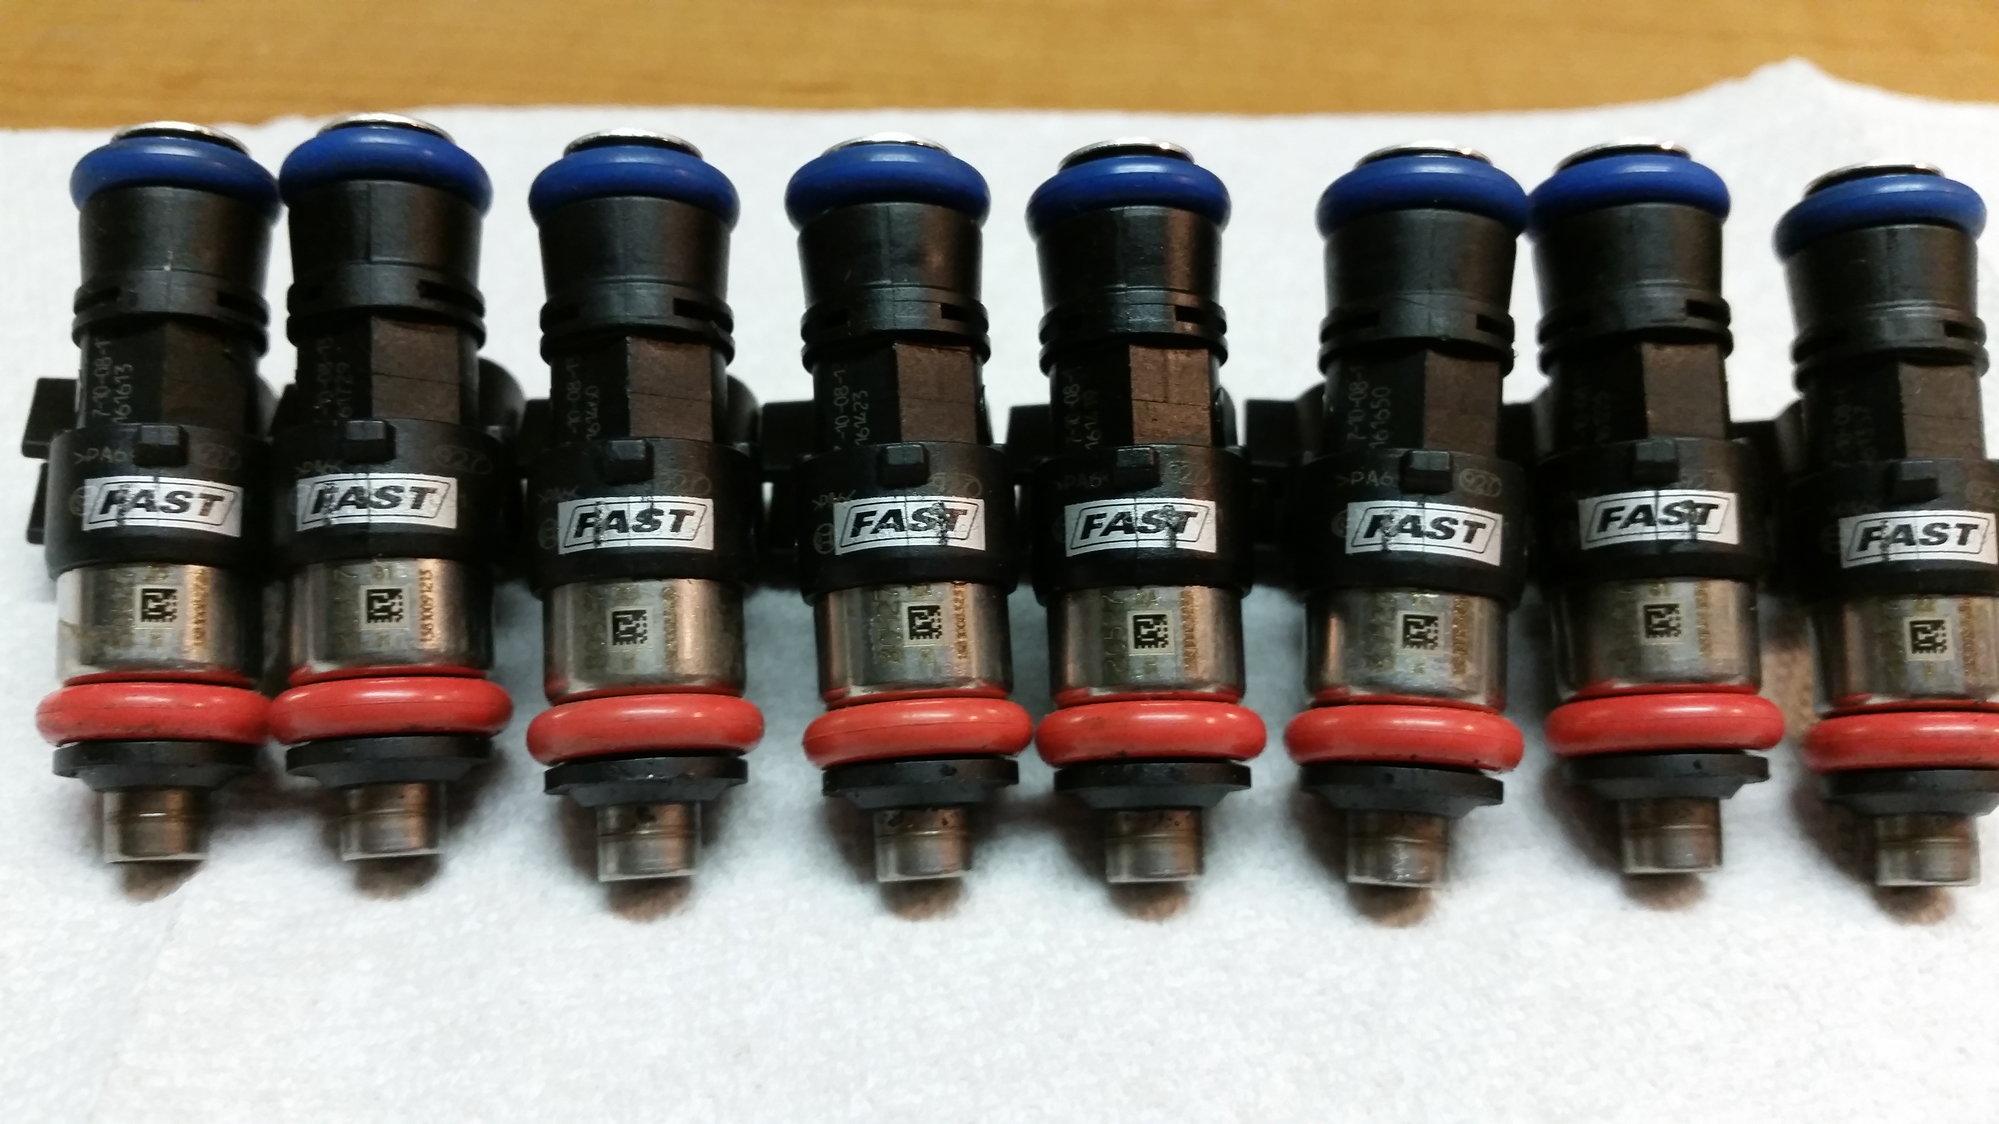 FS FAST 80527 - 8 Fuel injectors set of 8 65 lb/hr (682 5cc